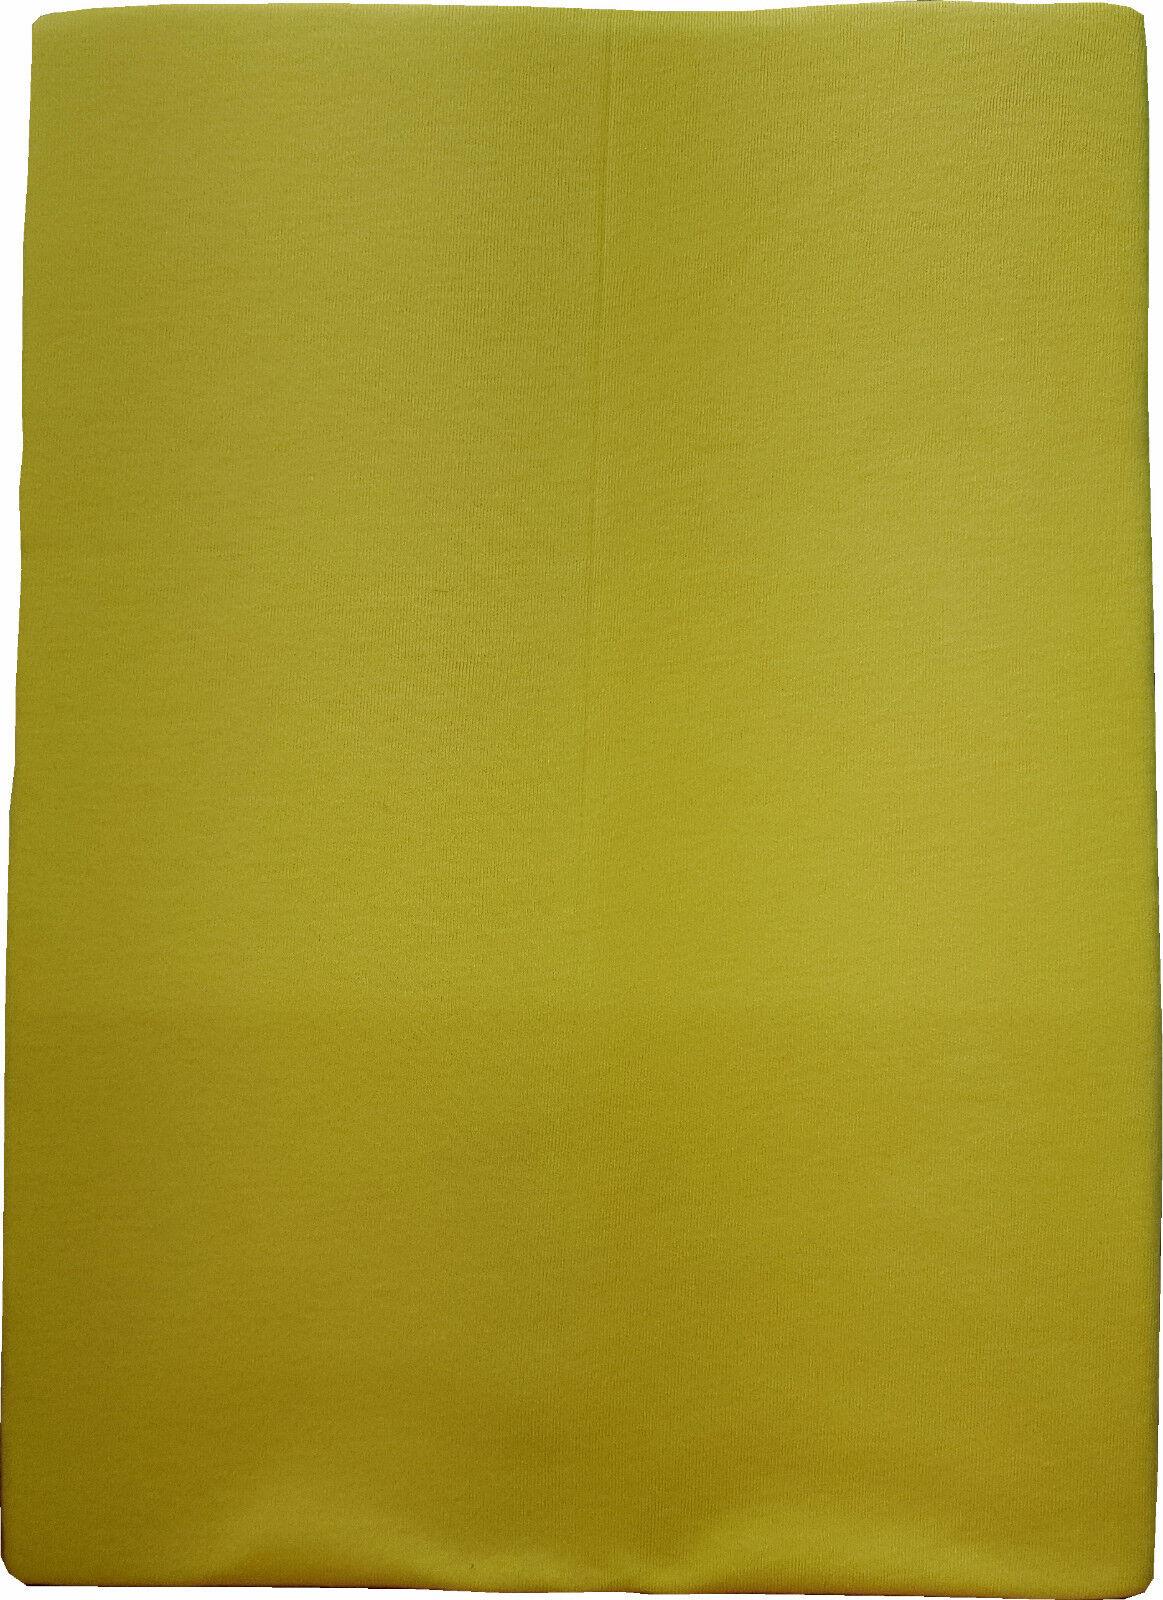 Massageliegen-Spannbezug (zitrone) 80 x 195 cm,  100% BW